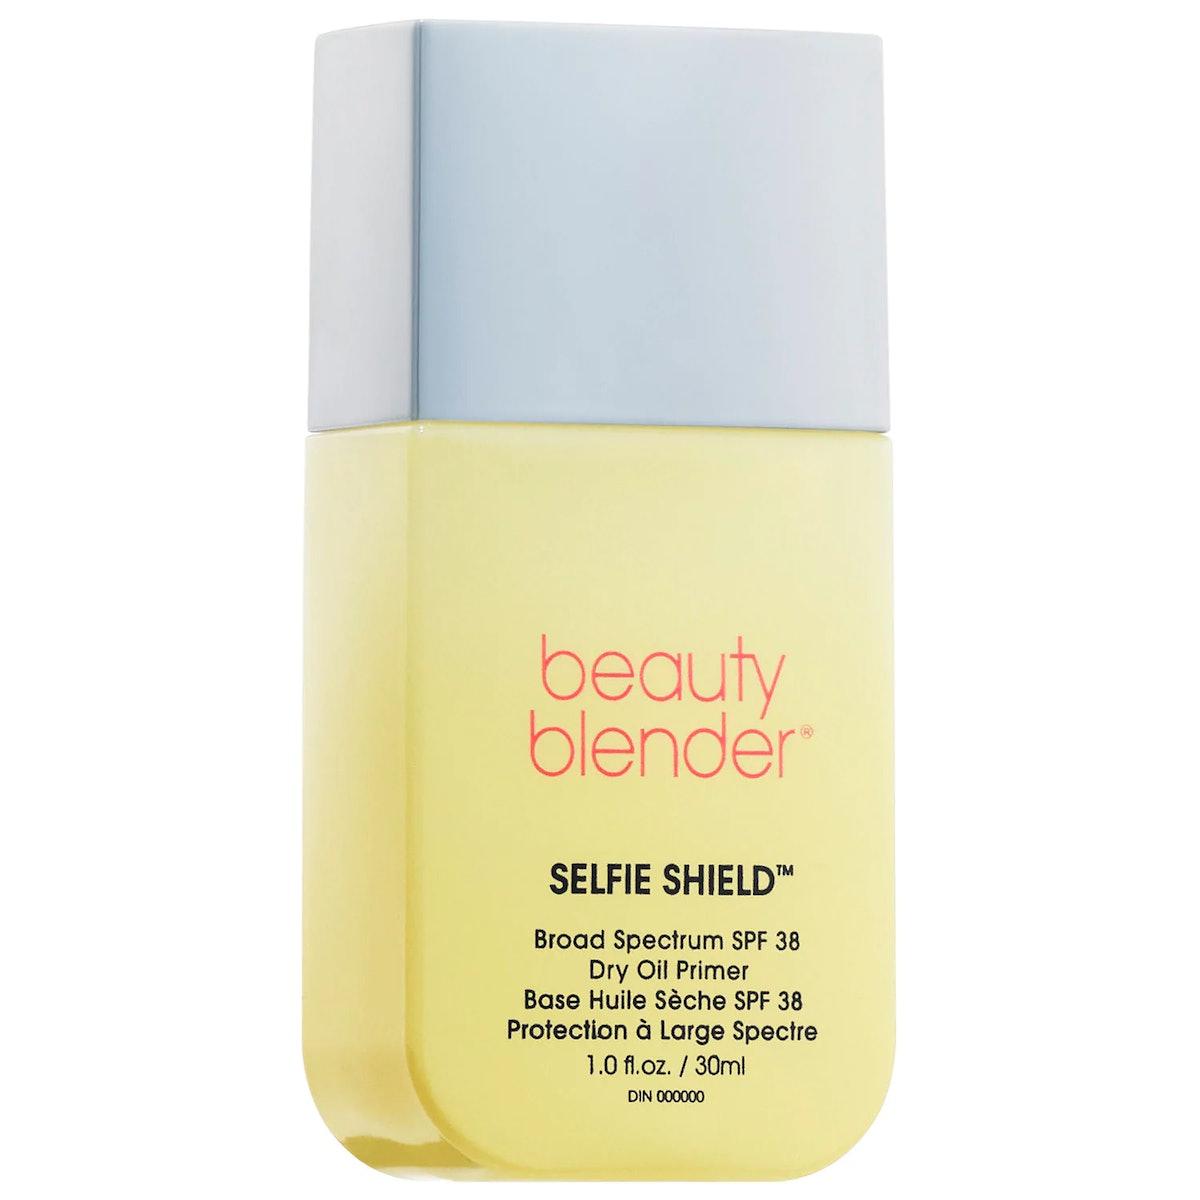 Beautyblender Selfie Shield™ Broad Spectrum SPF 38 Dry Oil Primer